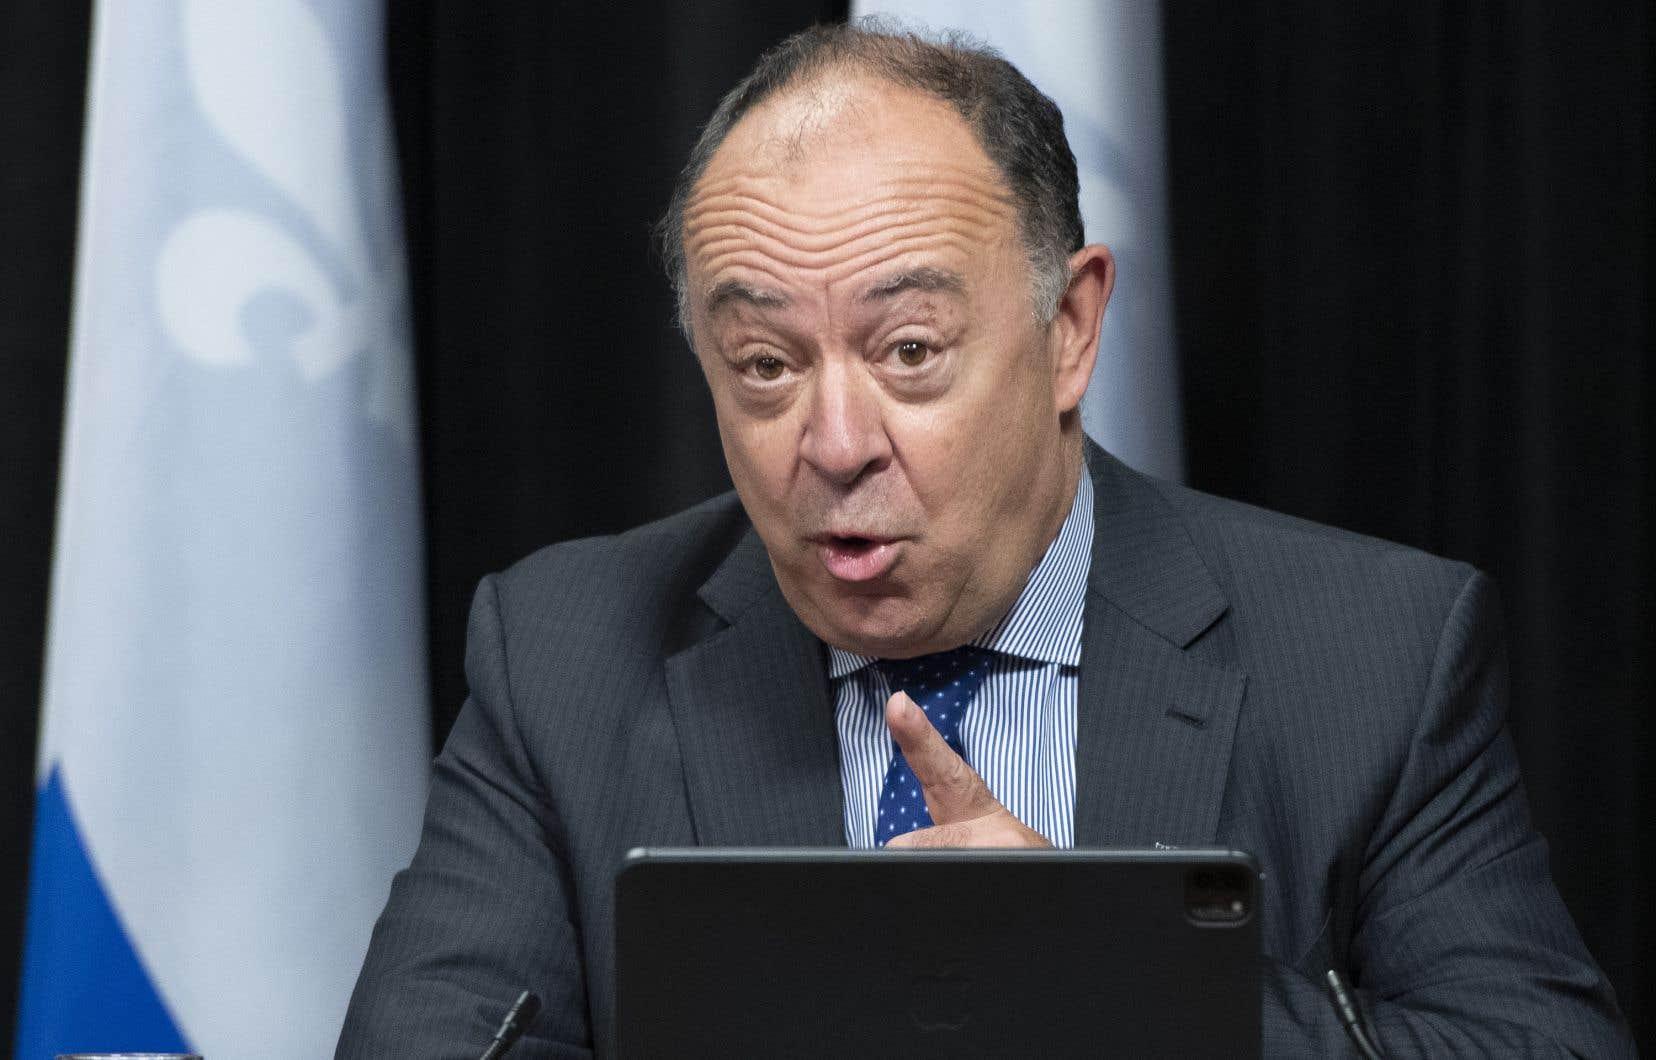 Le ministre de la Santé, Christian Dubé, a été informé de la directive il y a «quelques jours», selon son attaché de presse. Et ce, même si la directive est restée en vigueur jusqu'au 21septembre, soit trois mois après son arrivée en poste.